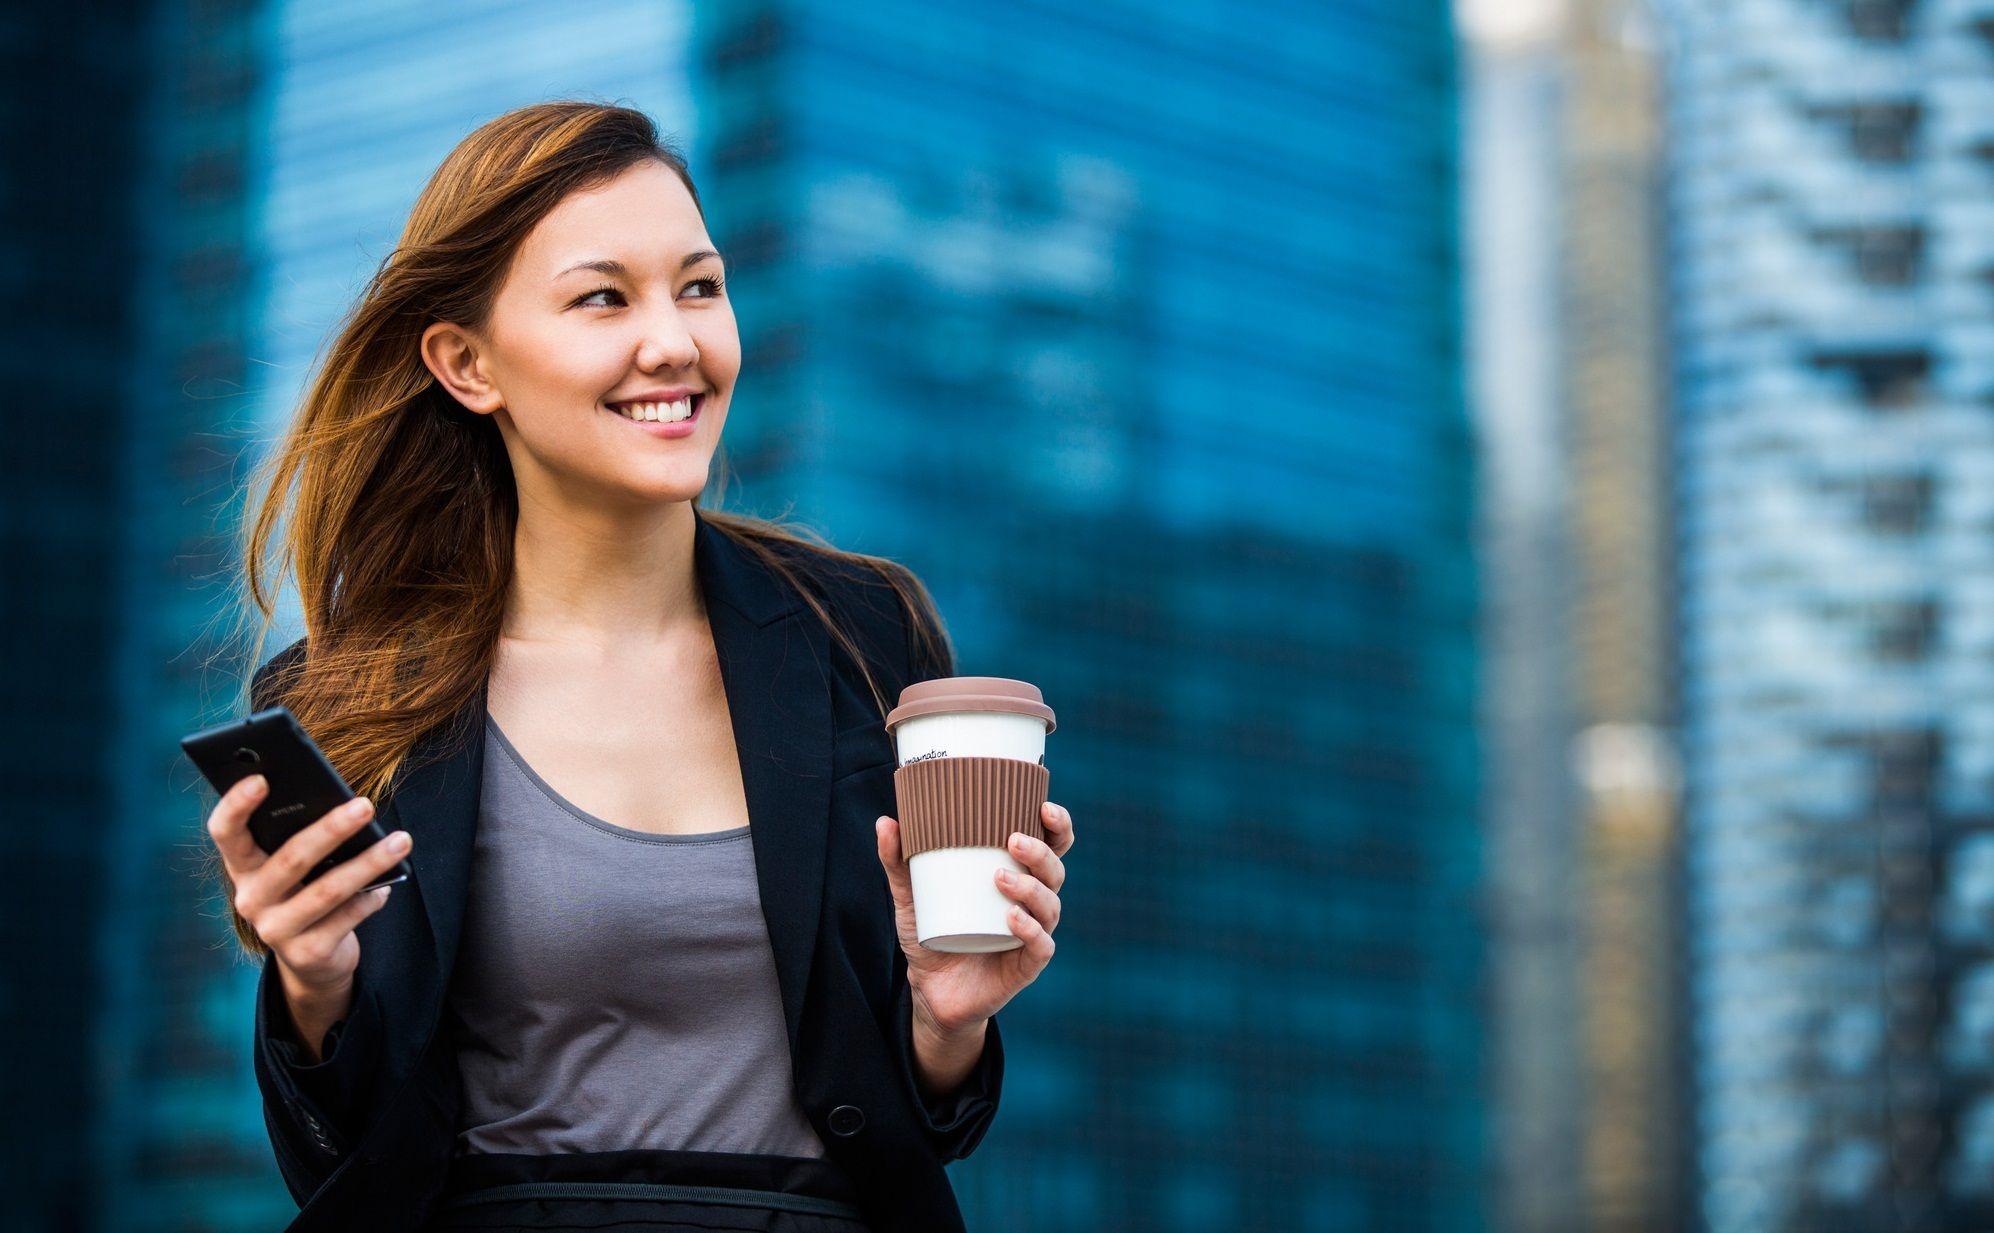 女性管理職が一向に増えないのなぜなのか……。いくつかのデータを紐解いてみると、実はすぐに合点がいくのです。